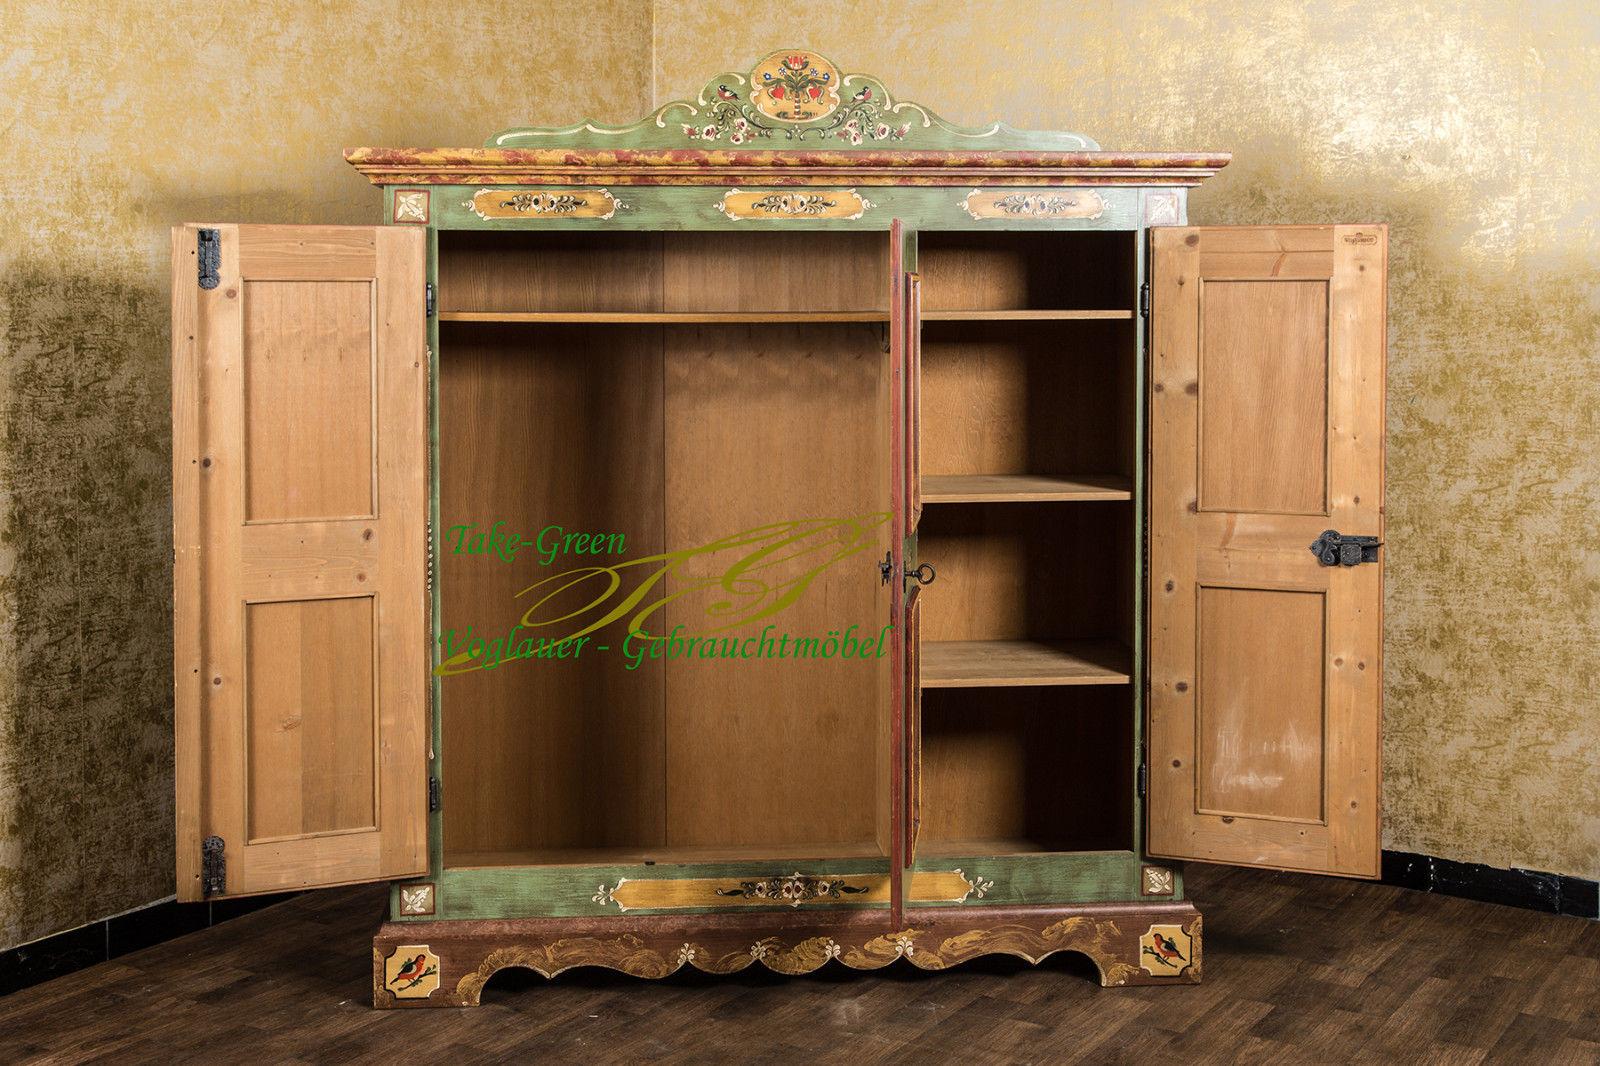 anno 1800 altgrün bauernschrank - alpenland möbel